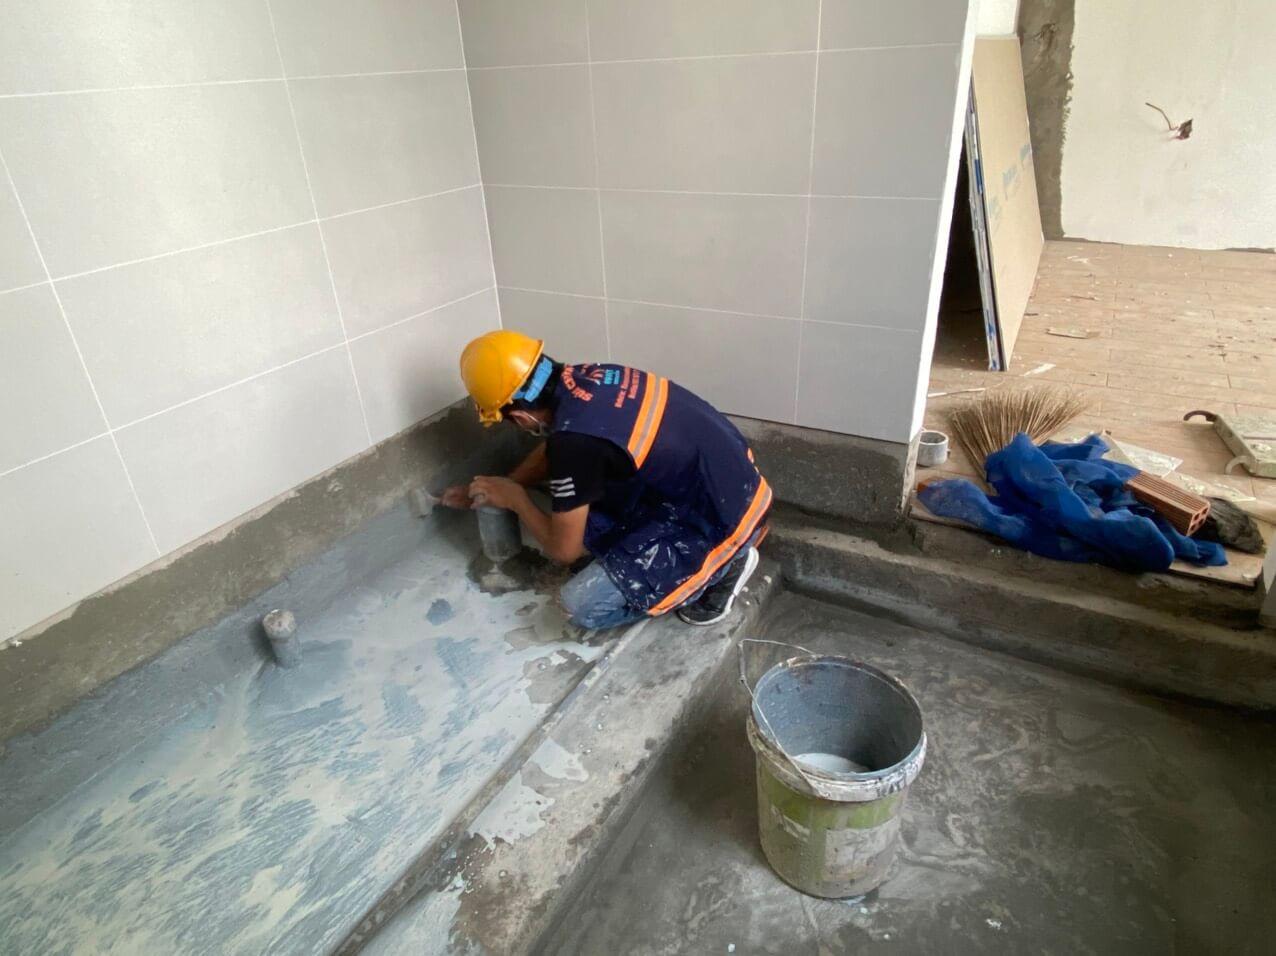 chong tham nha ve sinh chung cu 15 - Chống thấm nhà vệ sinh chung cư uy tín nhất Hồ Chí Minh